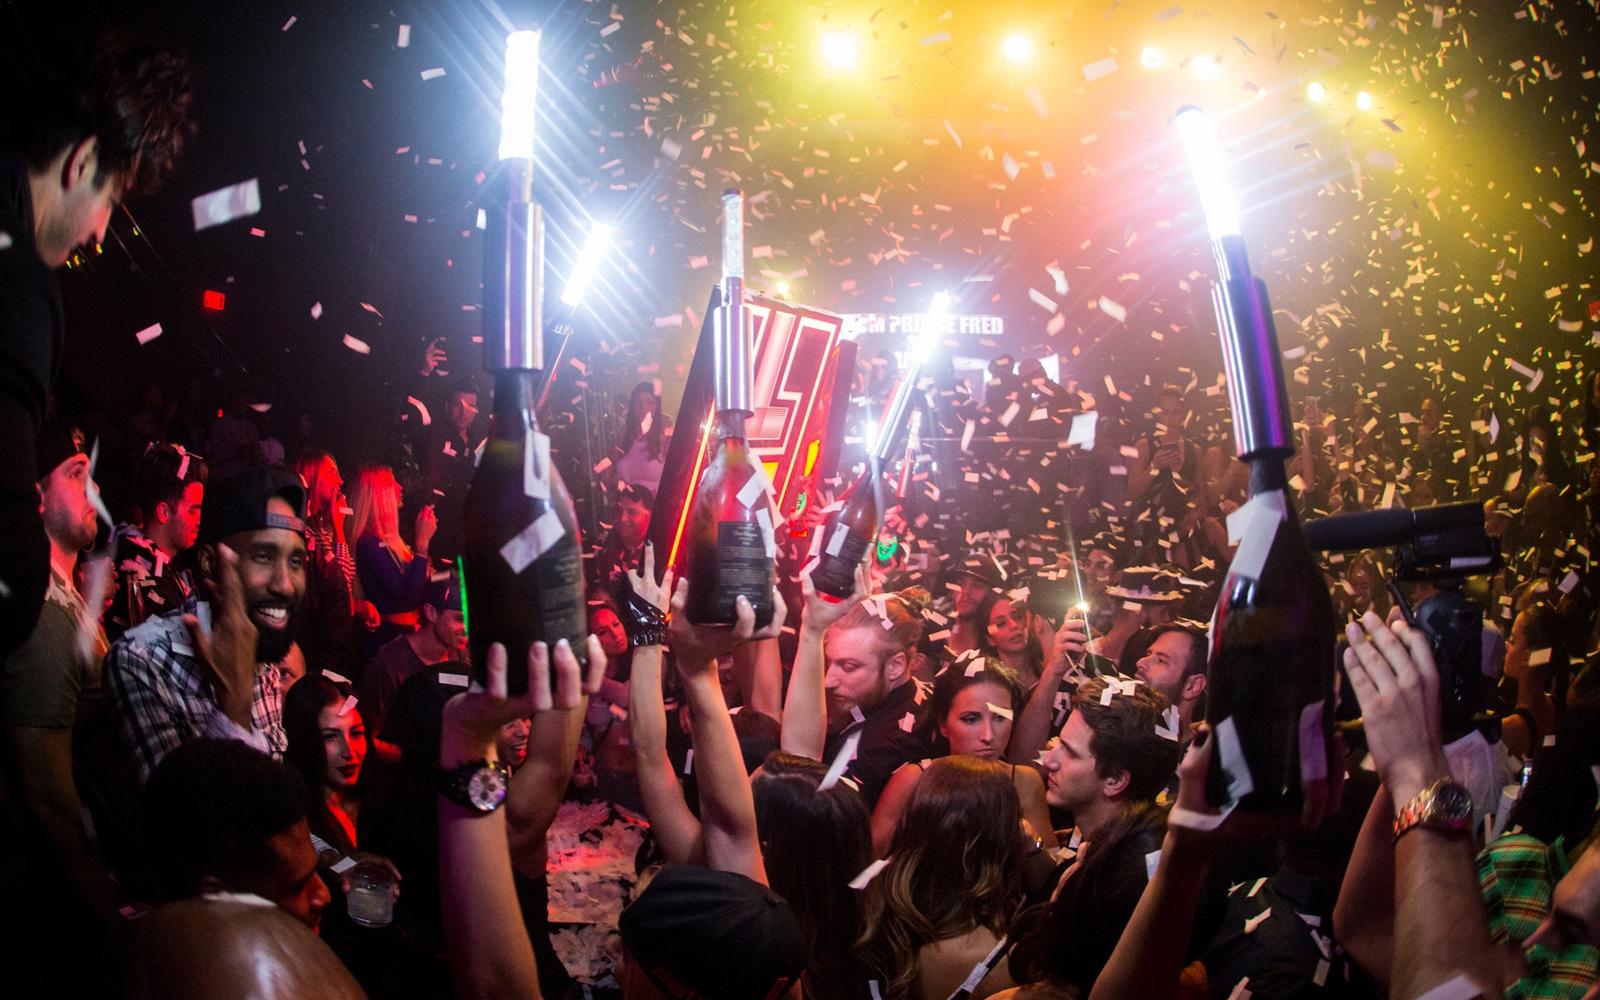 LIV Reopens With Massive LED Spider, Travis Scott, Skrillex & Lil Wayne